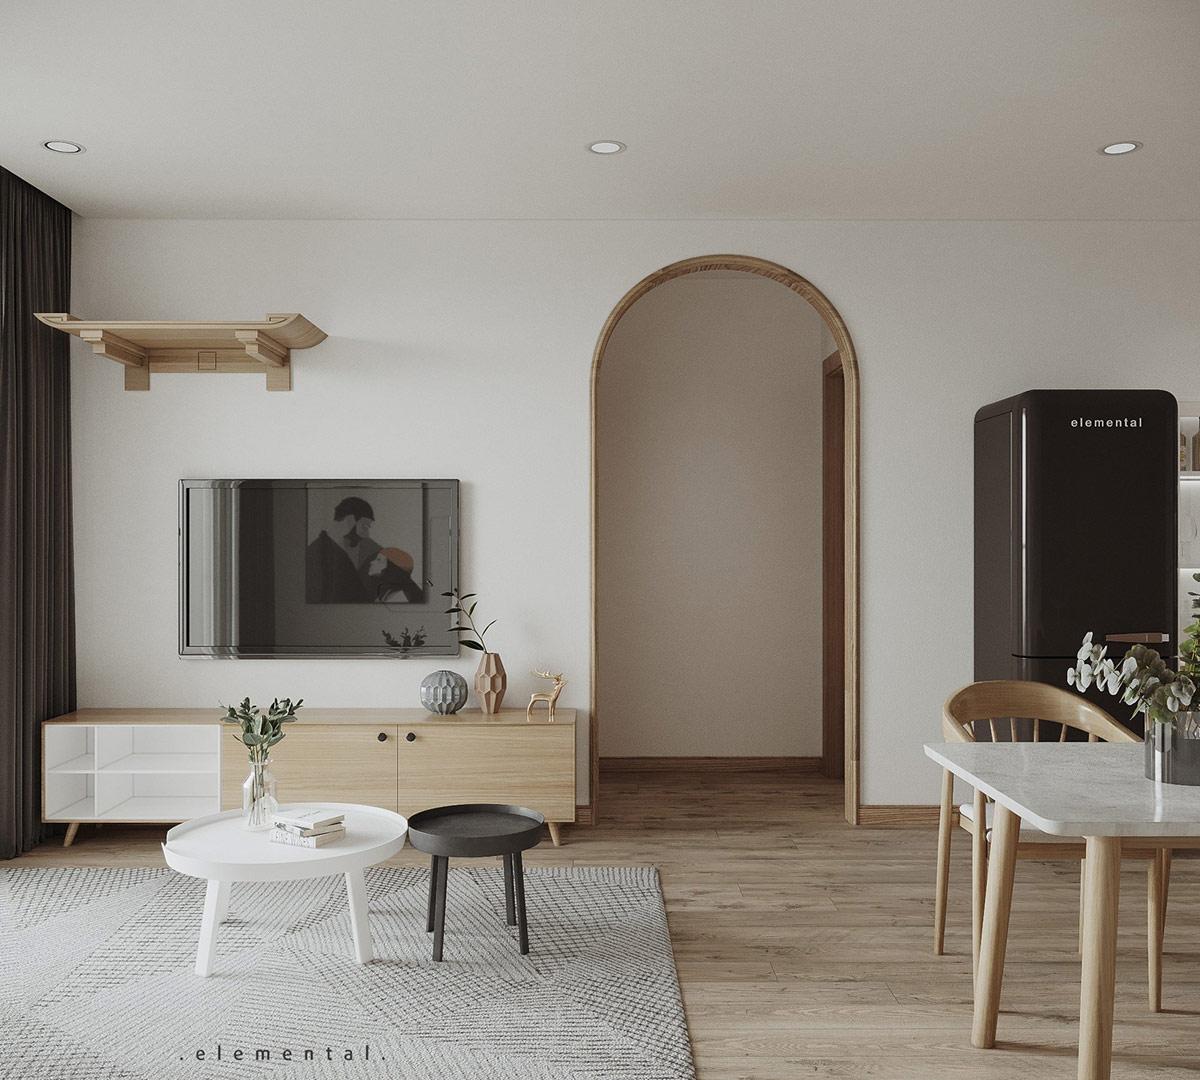 Tư vấn thiết kế căn hộ 69m² với tổng chi phí dưới 170 triệu với phong cách tối giản - Ảnh 3.